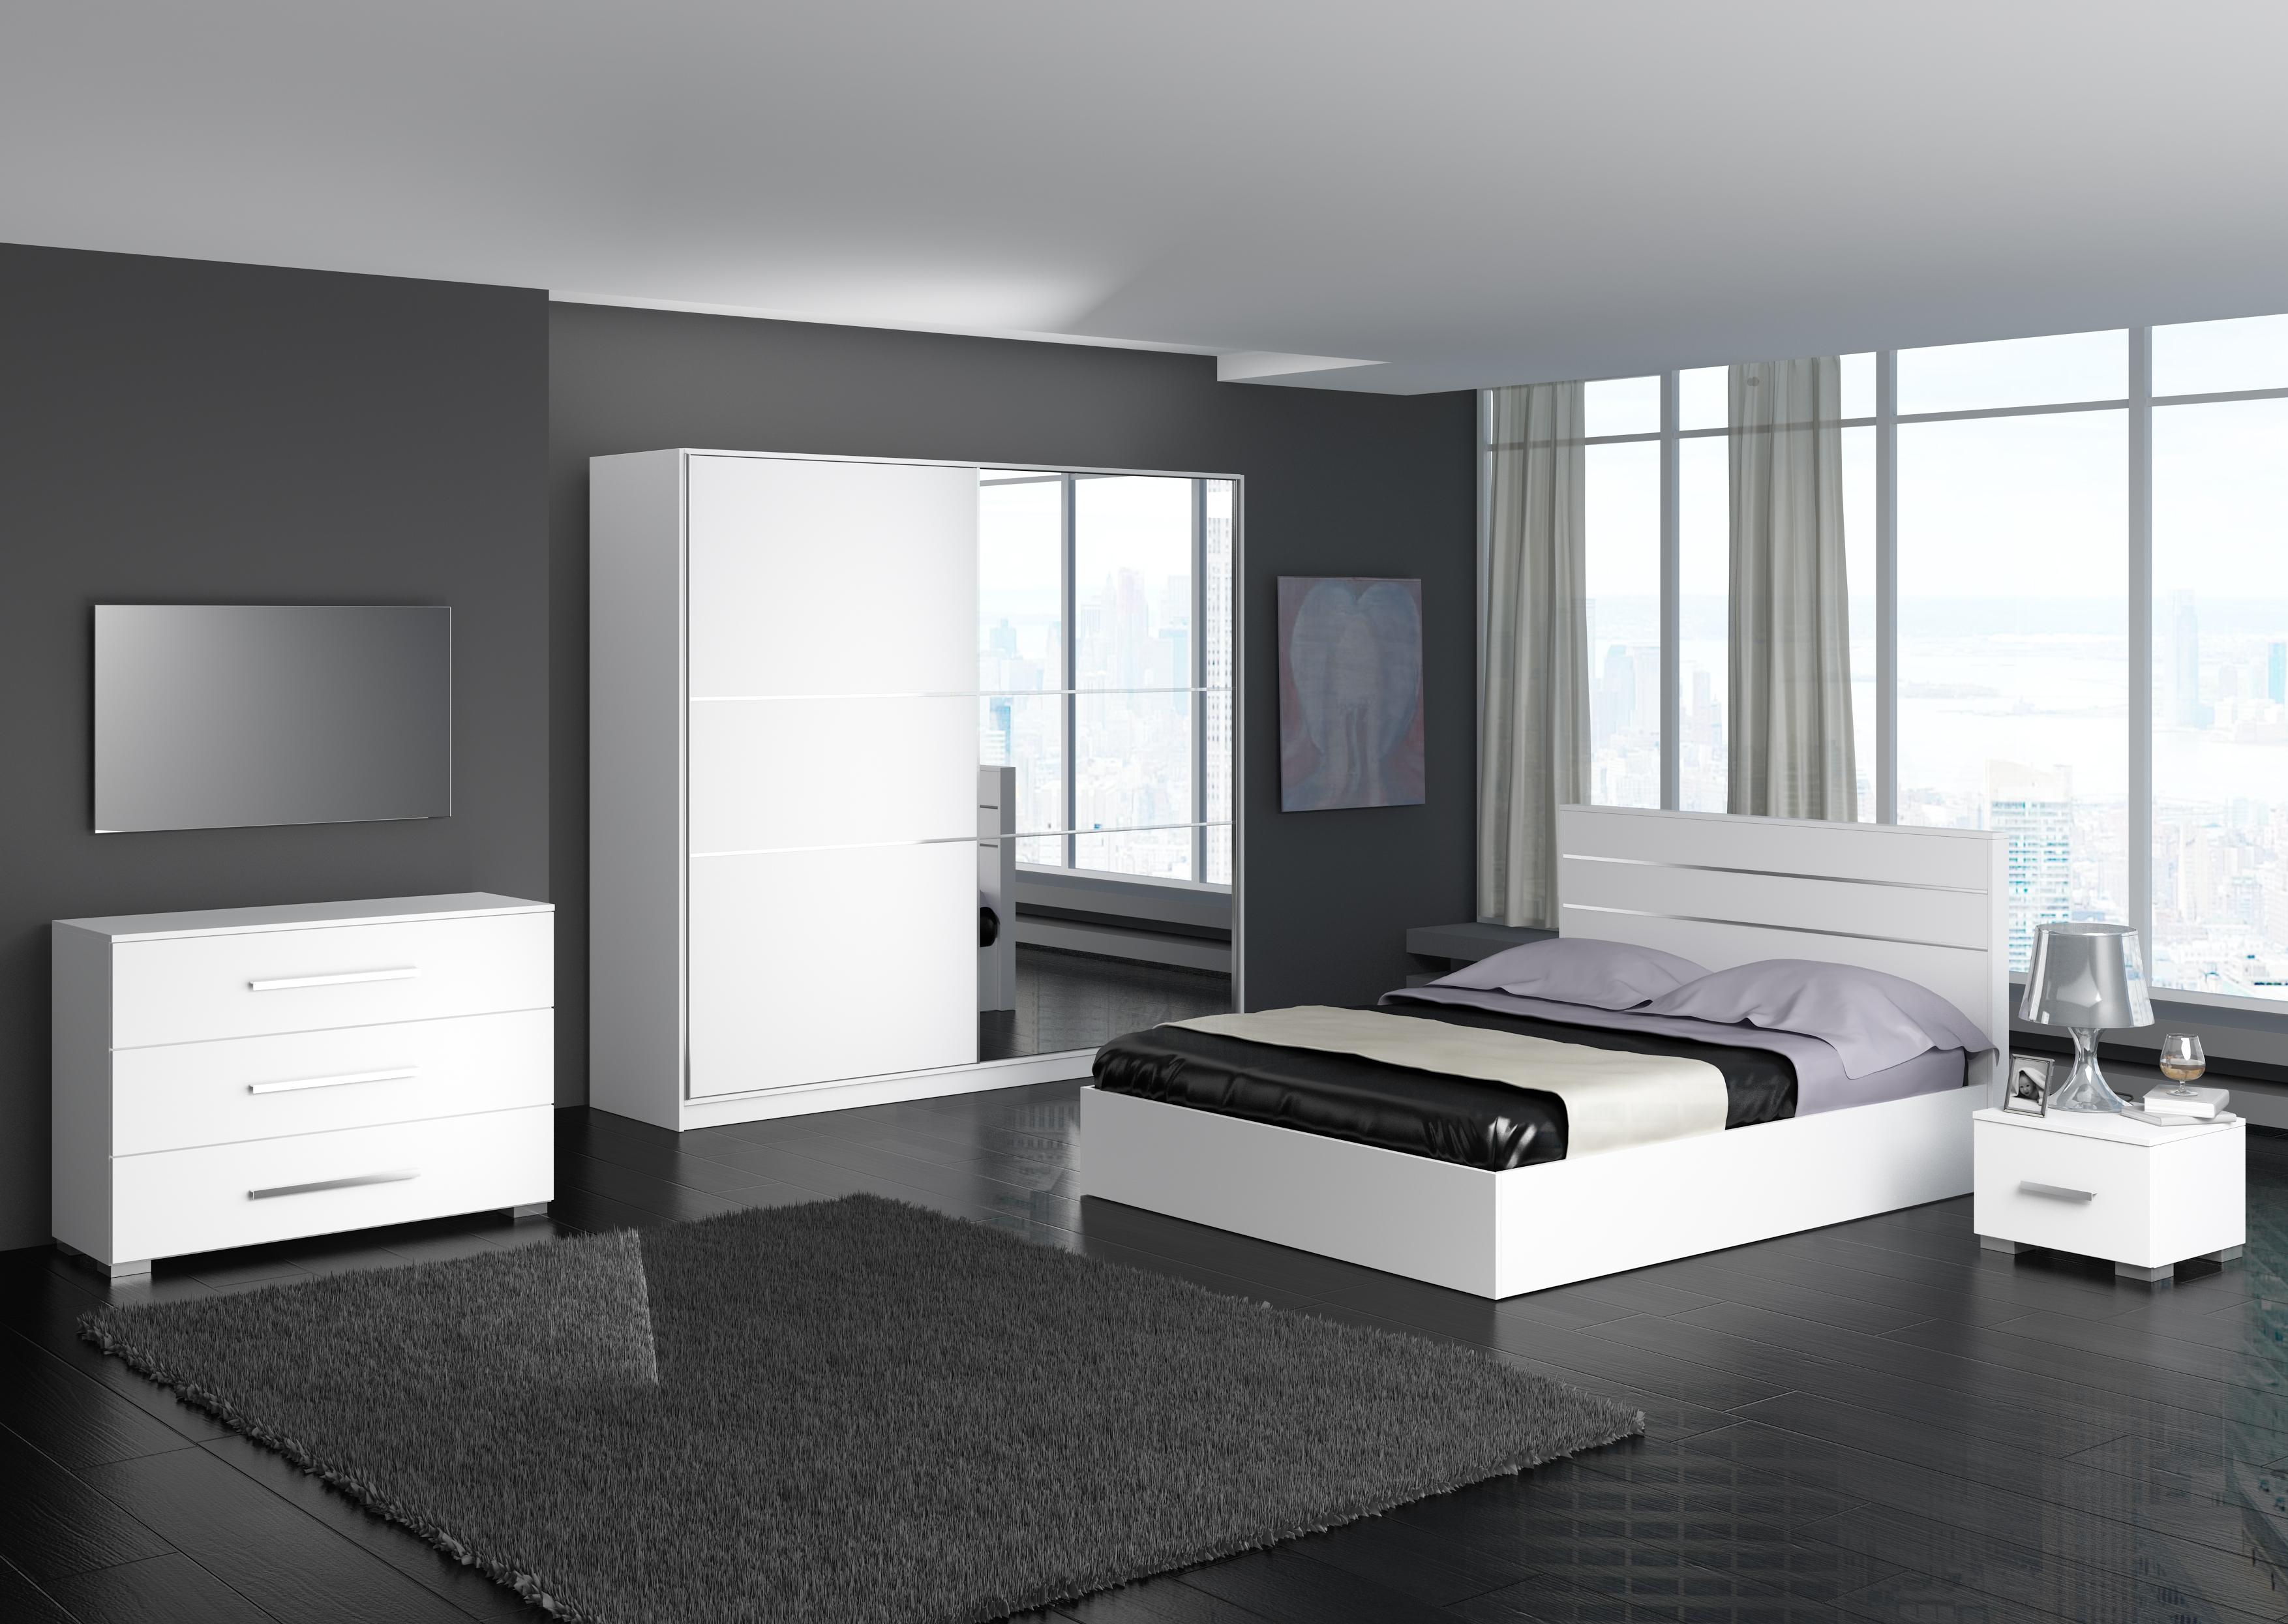 Slaapkamer Meubels Wit : Ikea slaapkamer meubels beautiful tv lift meubel aan voeteneinde